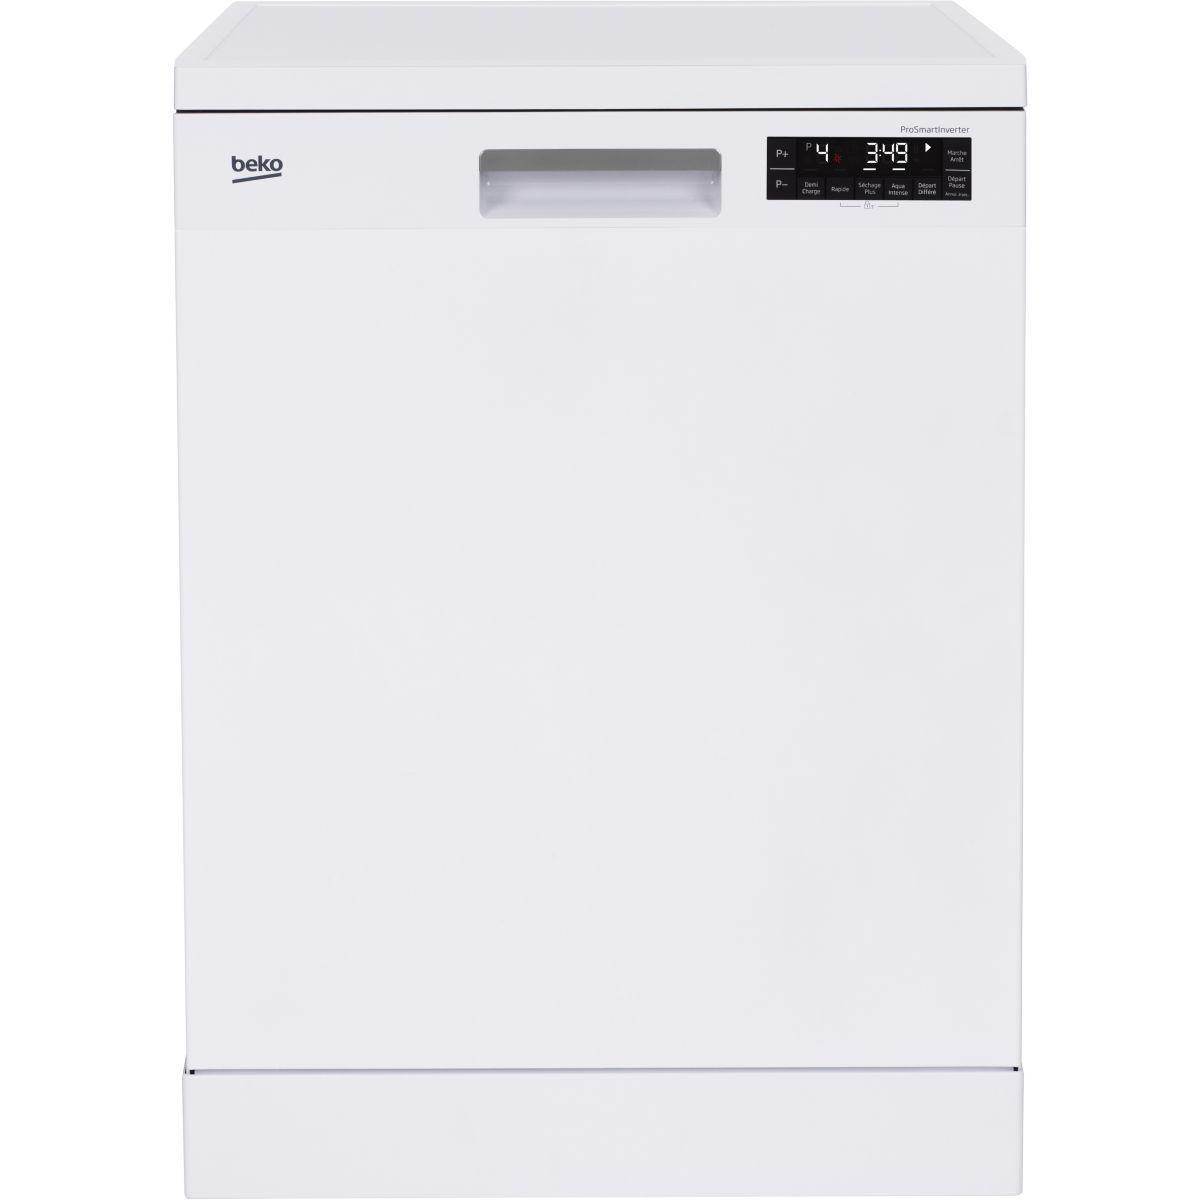 Lave vaisselle 60 cm beko dfn38b76w blanc - livraison offerte : code liv